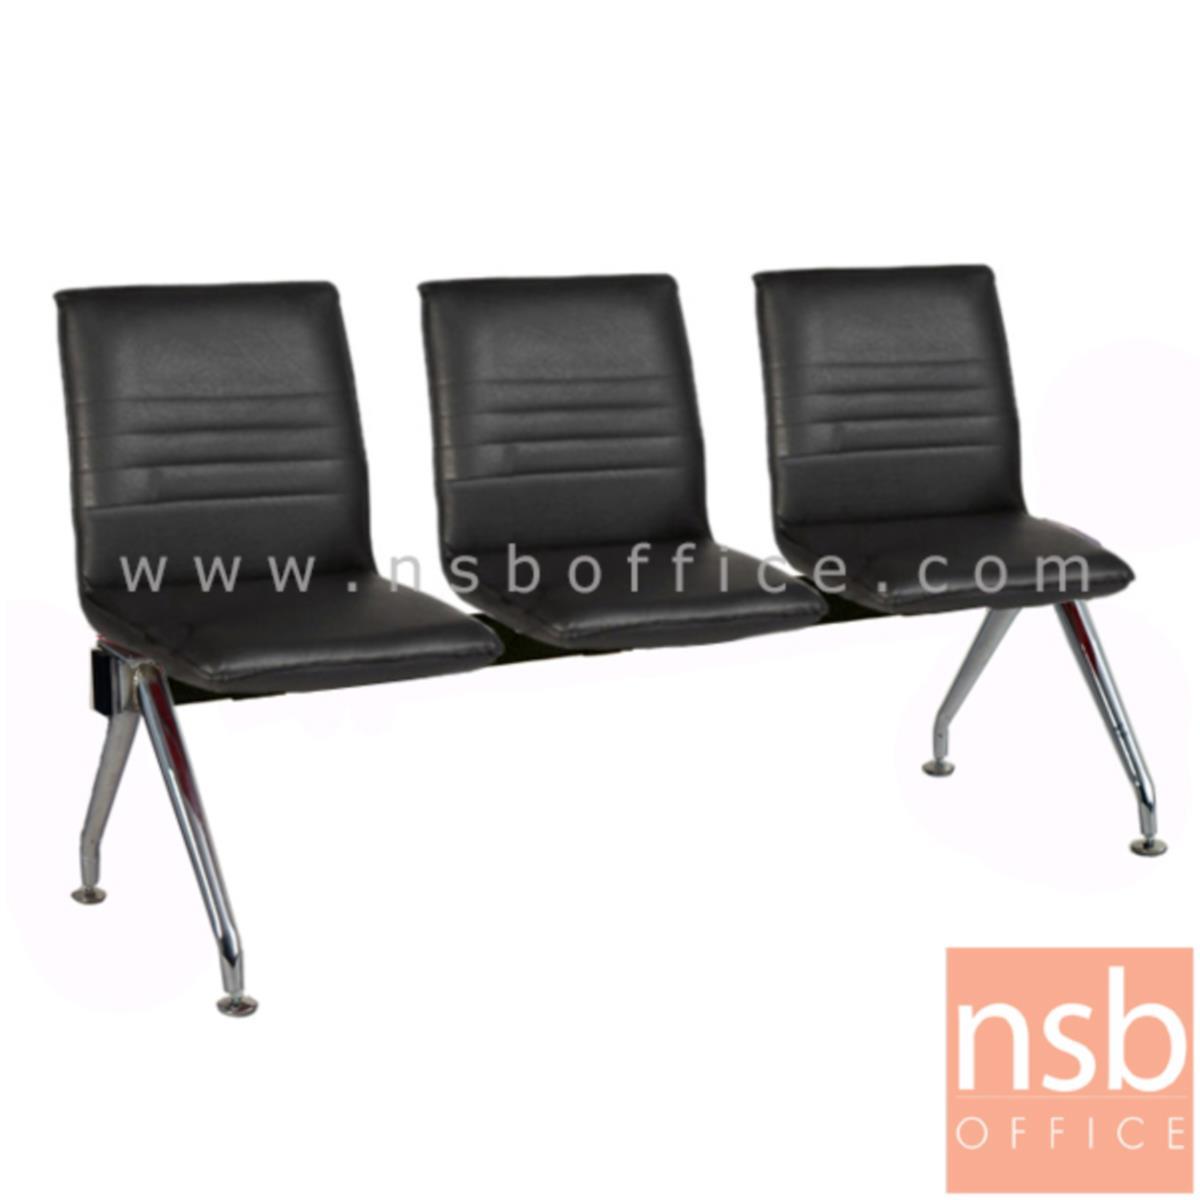 B06A122:เก้าอี้นั่งคอยหุ้มหนังเทียม รุ่น Silvermist (ซิลเวอร์มิสต์) 2 ,3 ,4 ที่นั่ง ขาเหล็ก